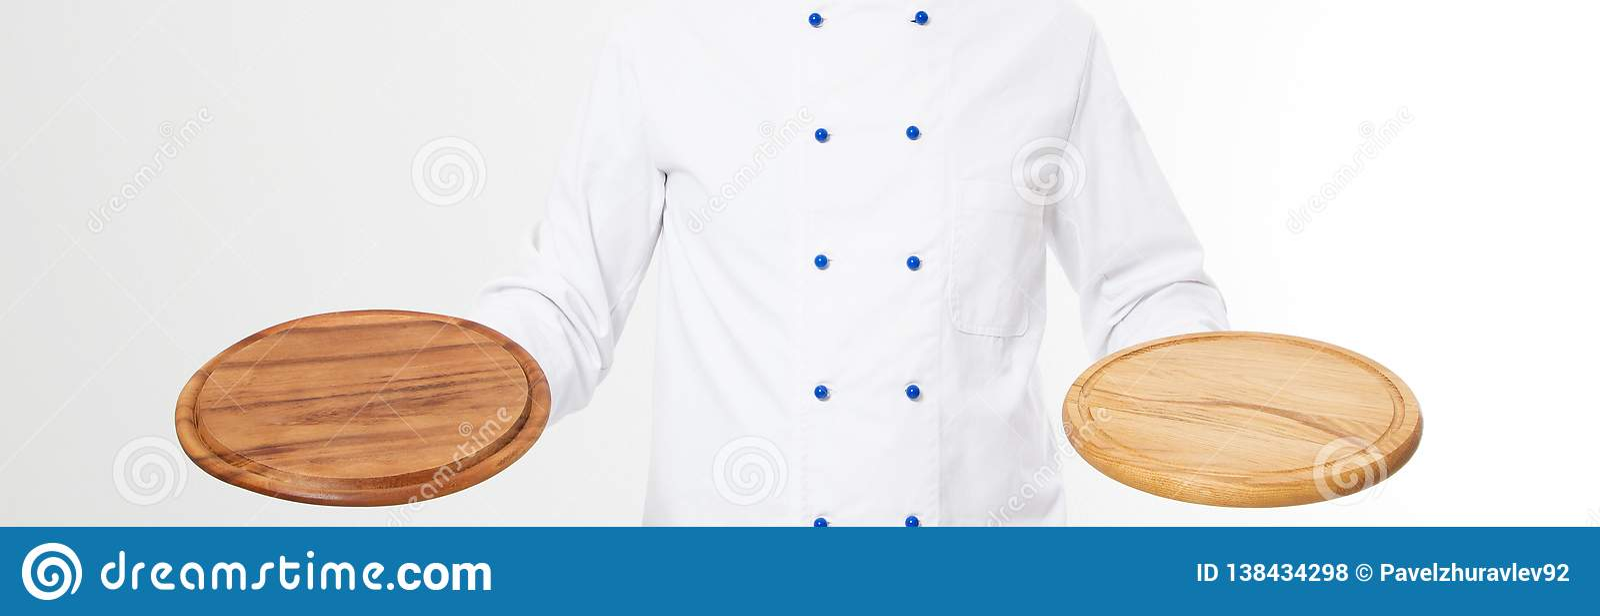 Leere Pizzaplatte der Chefholding lokalisiert auf weißem Hintergrund, Kopienraum